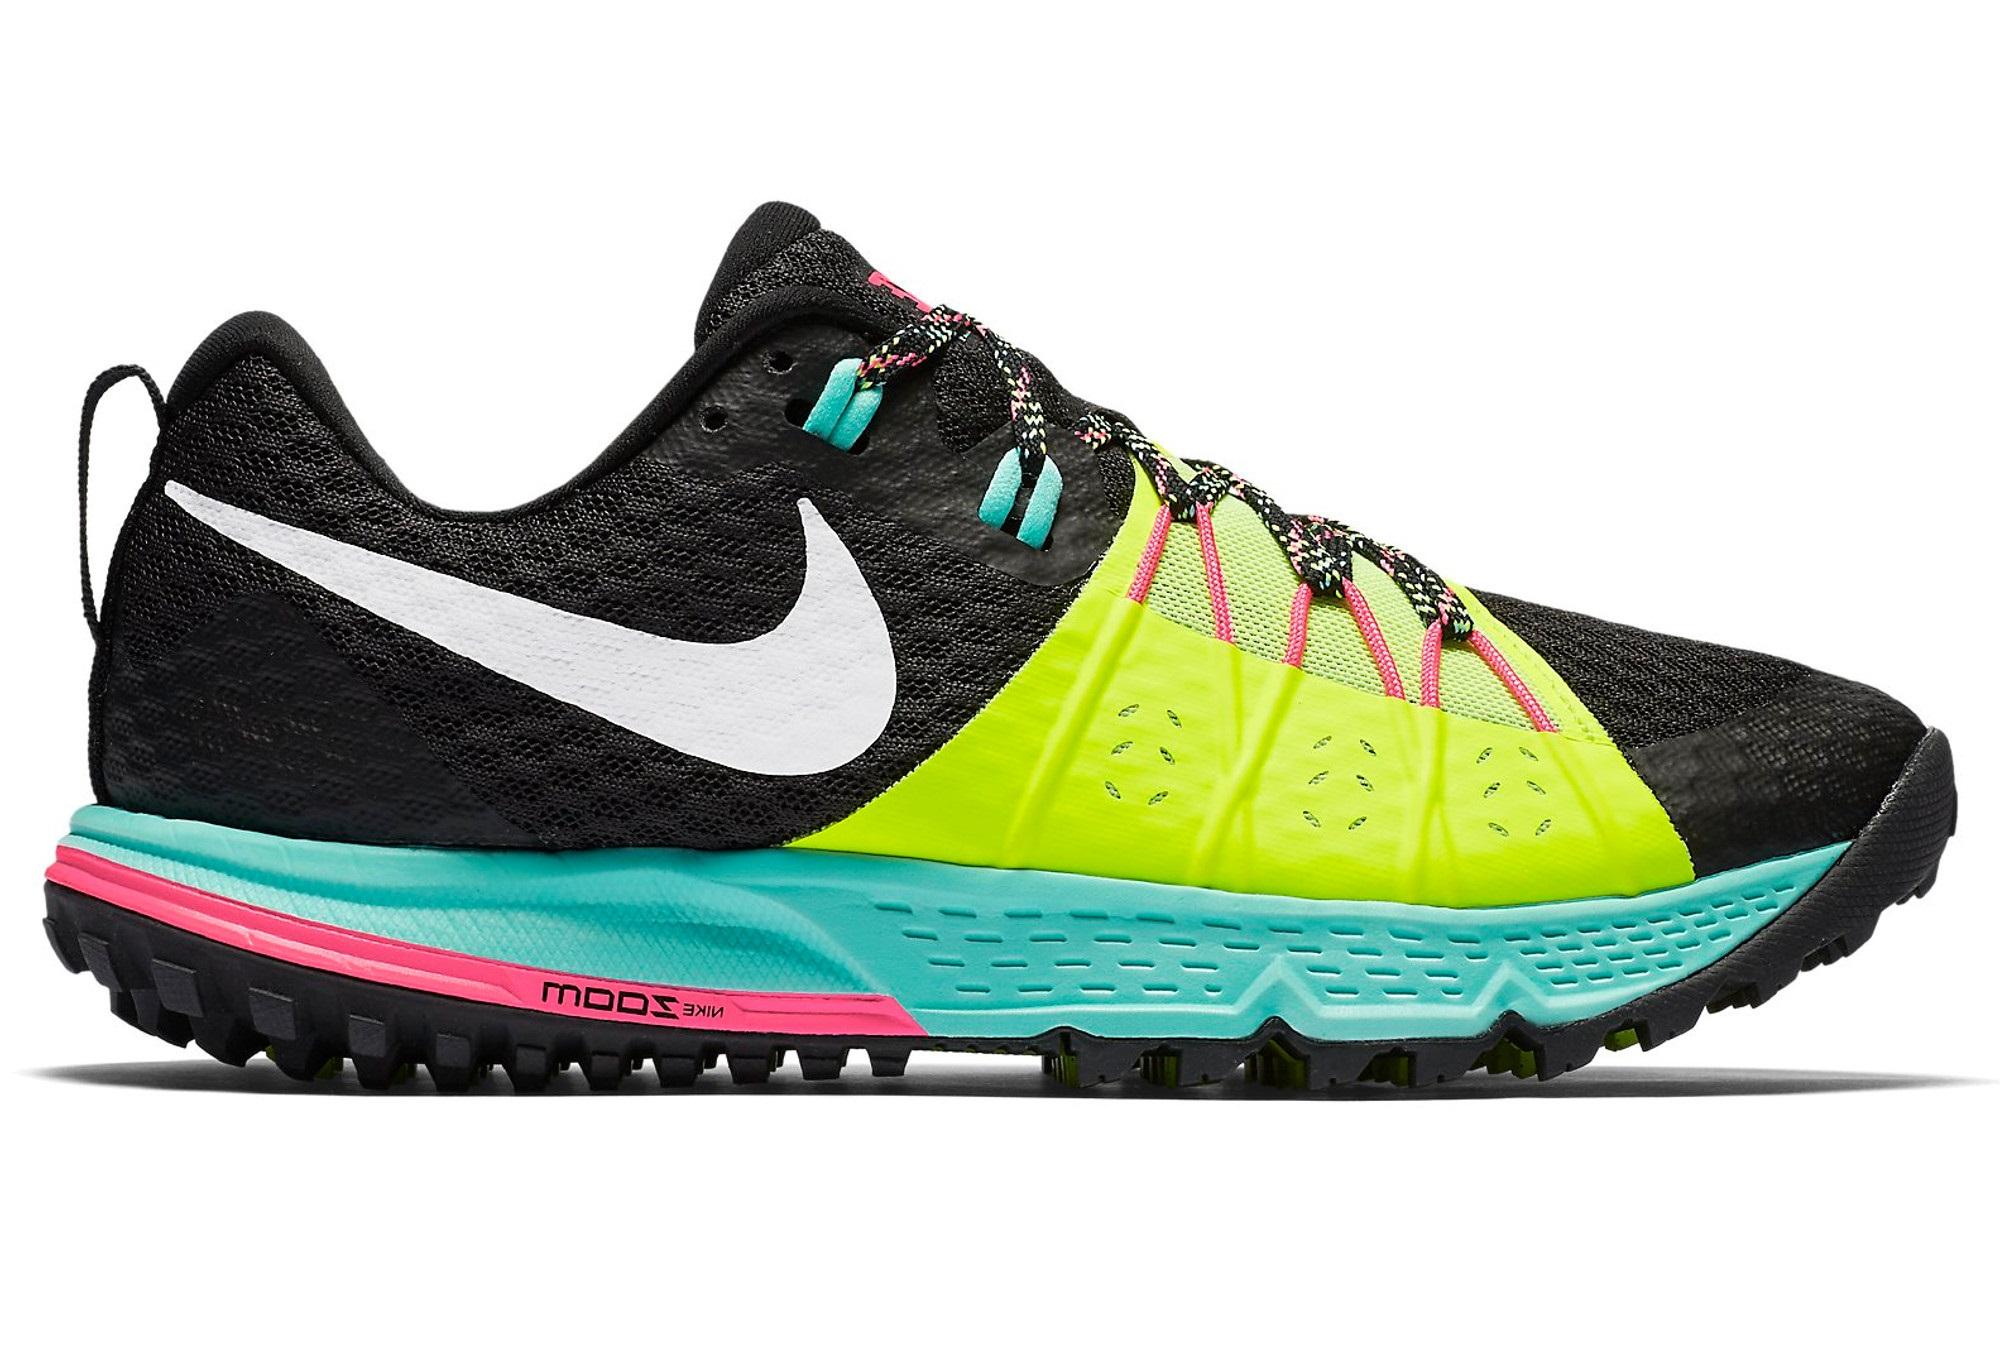 19c4438d2c3 Chaussures de Trail Femme Nike Zoom Wildhorse 4 Jaune   Noir ...